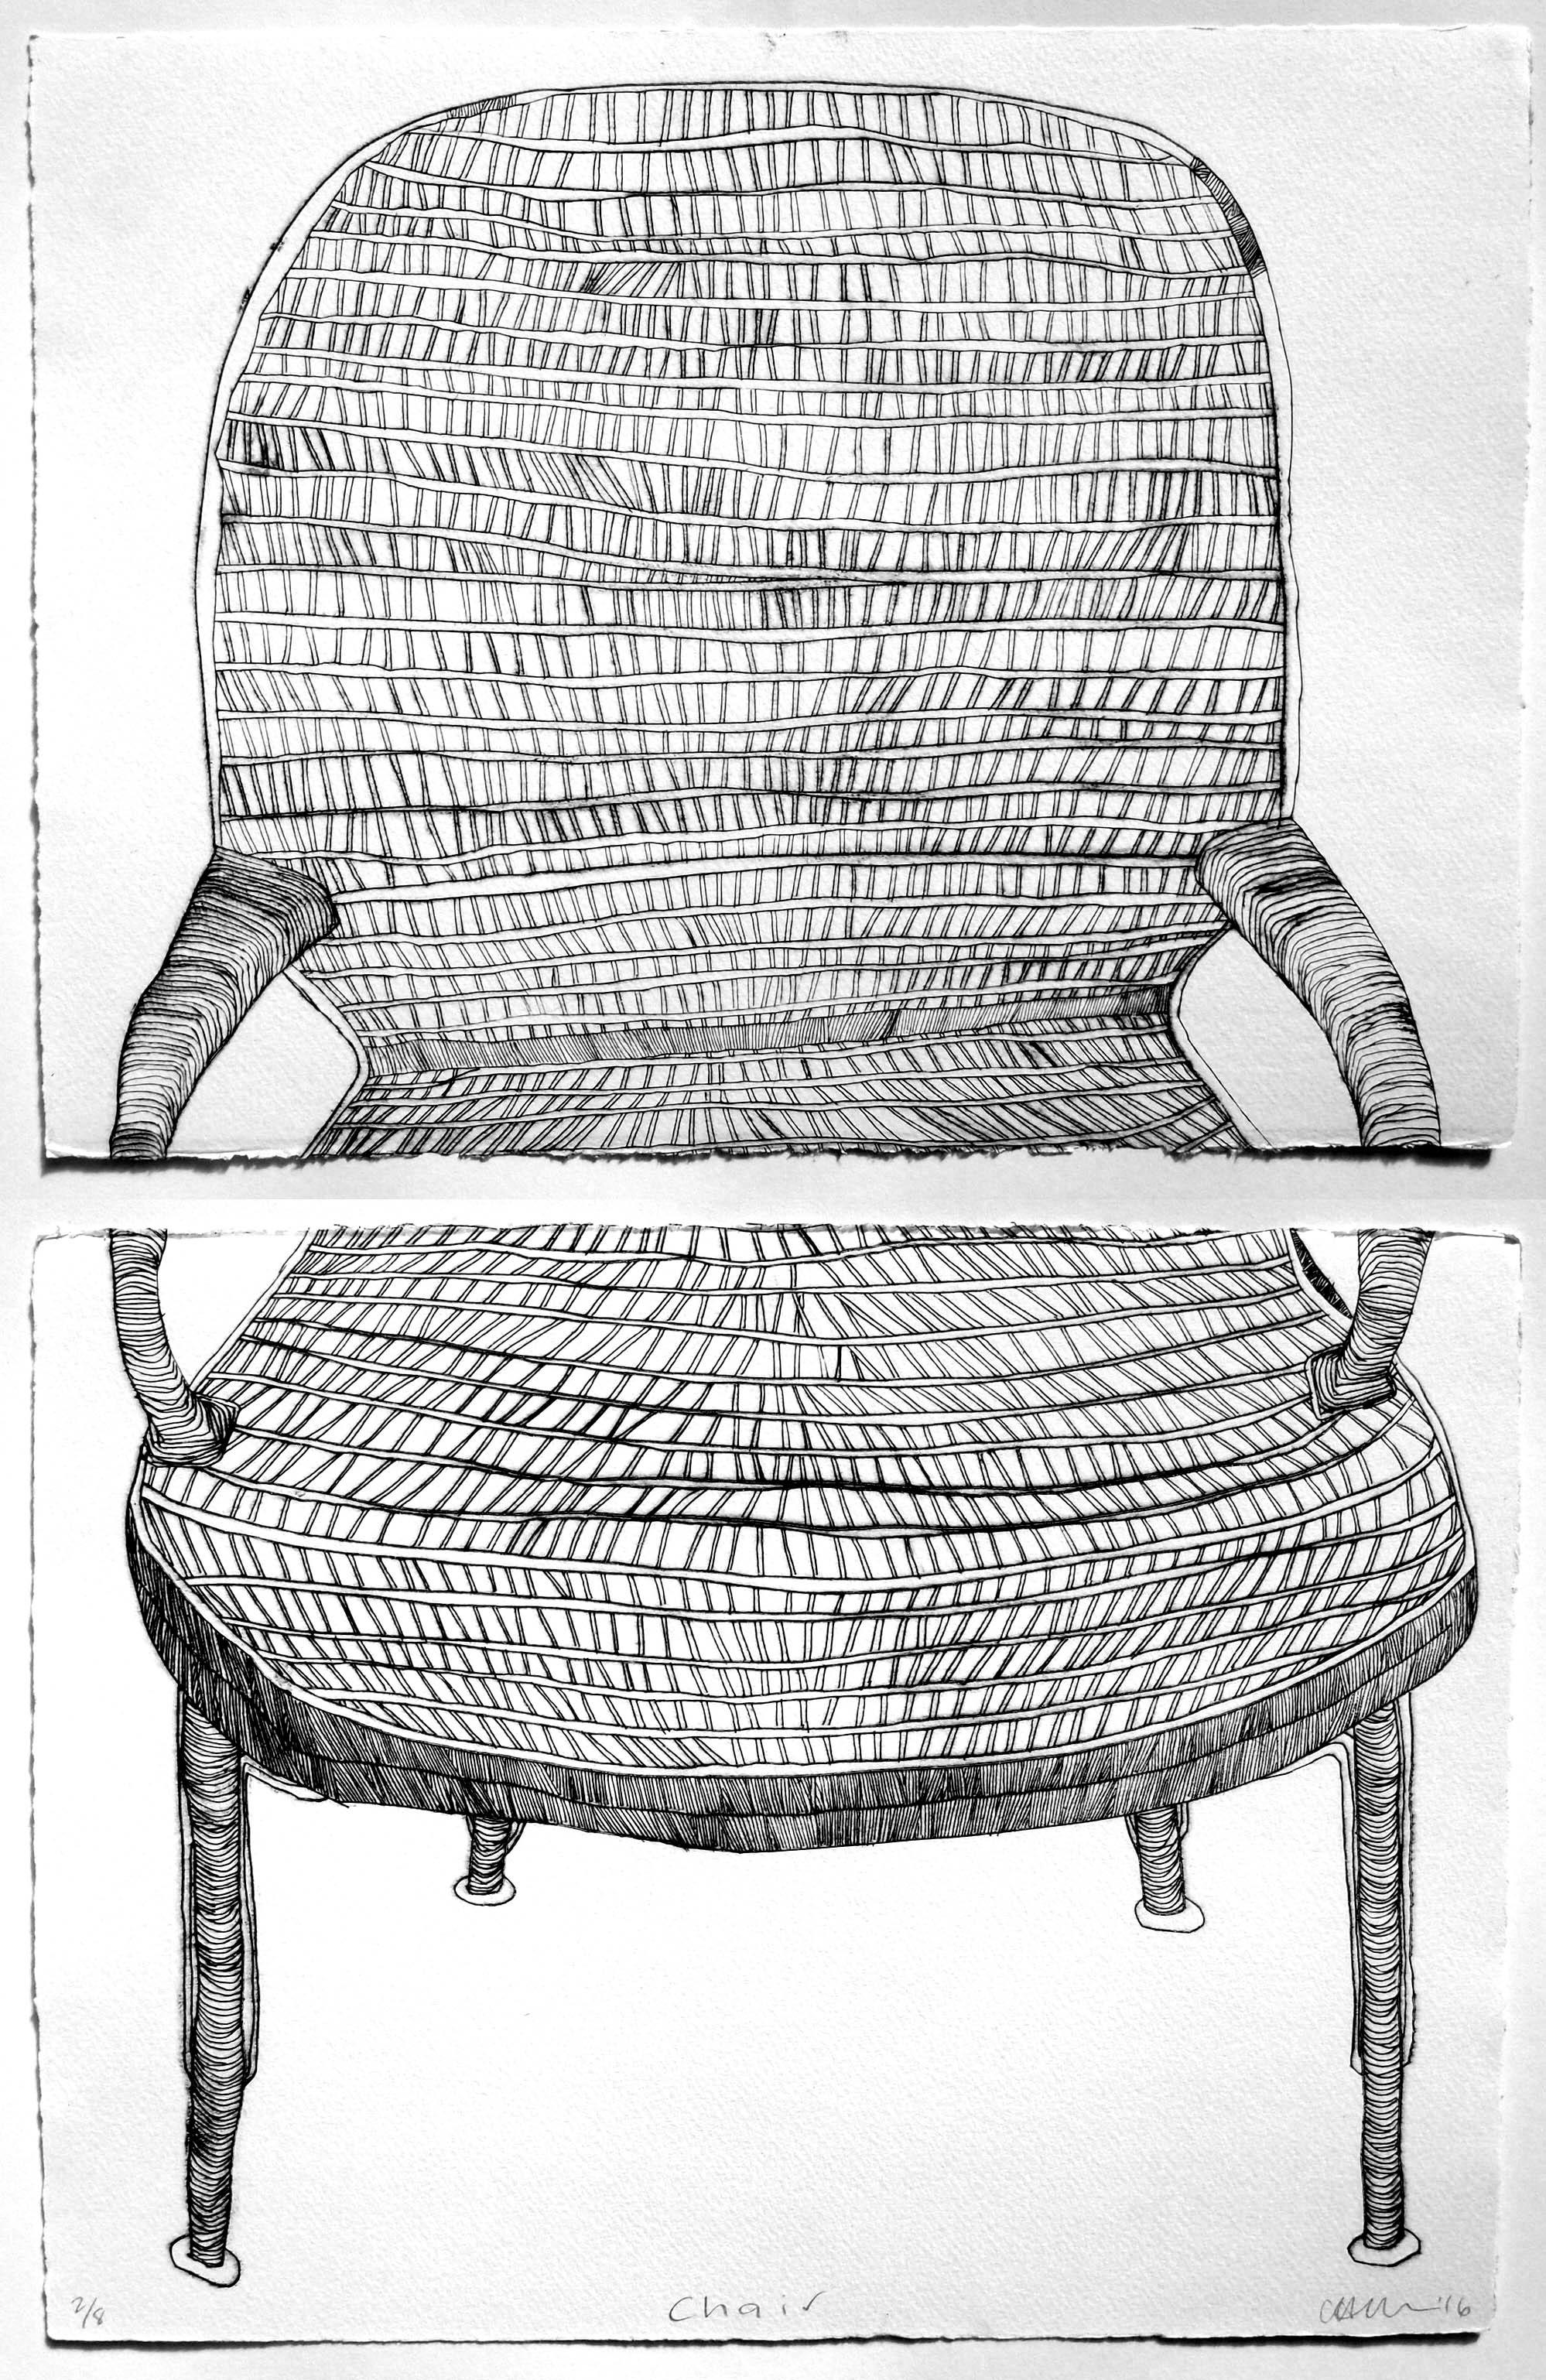 'Chair', 2016